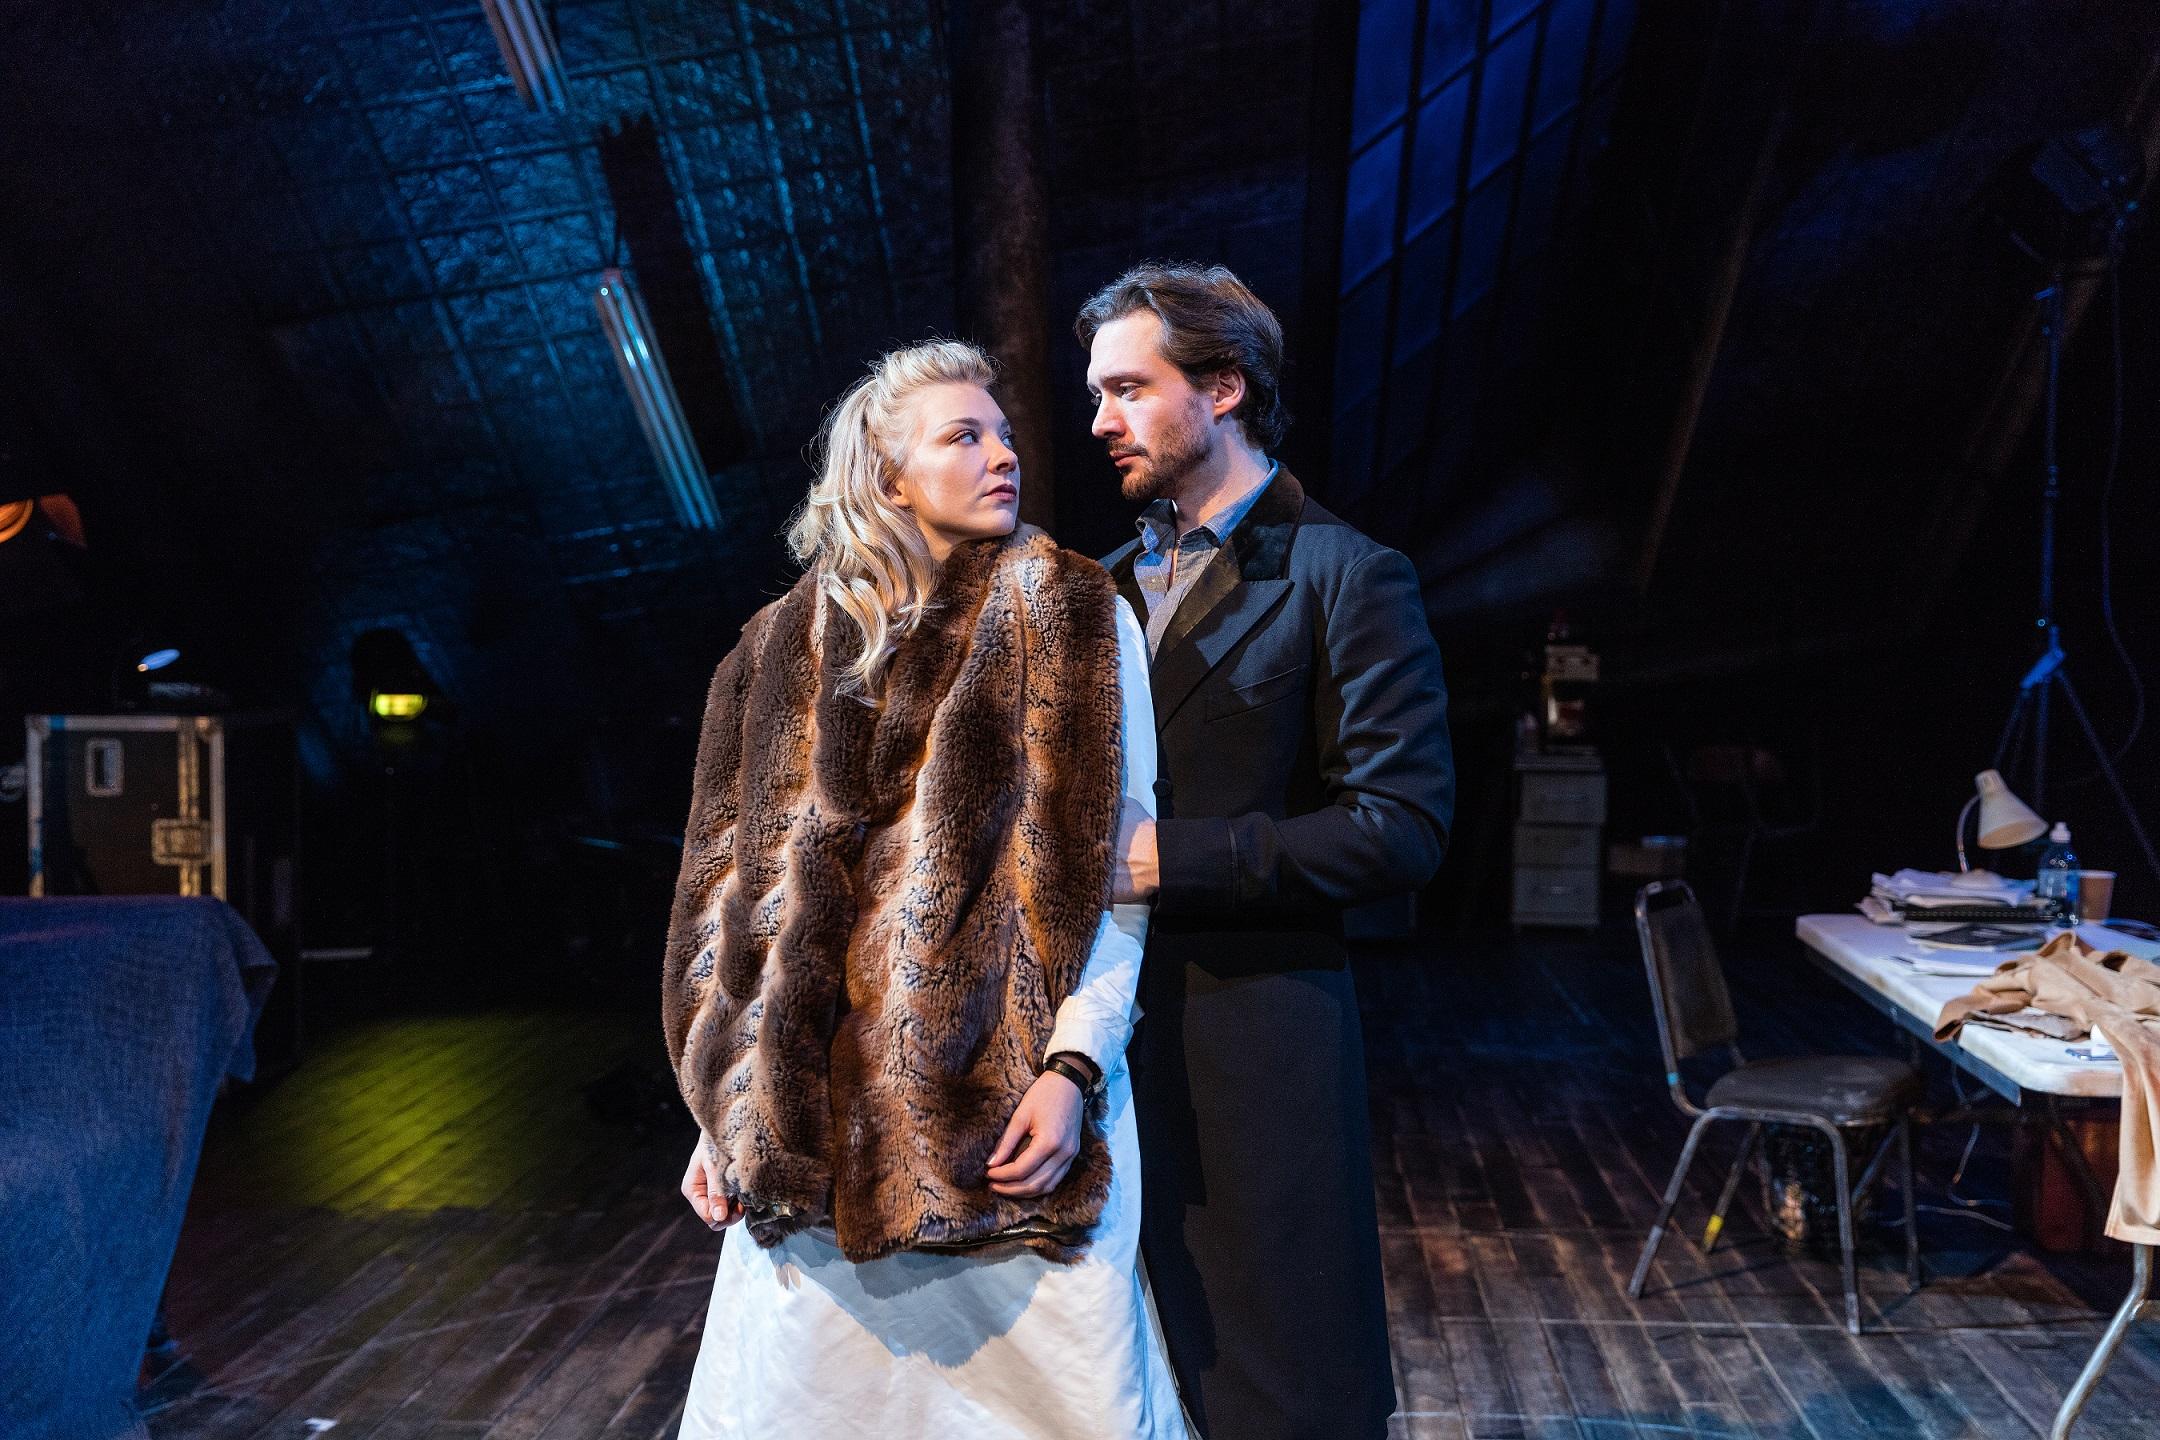 Natalie-Dormer-and-David-Oakes-in-Venus-in-Fur-at-Theatre-Royal-Haymarket.-Credit-Darren-Bell-3